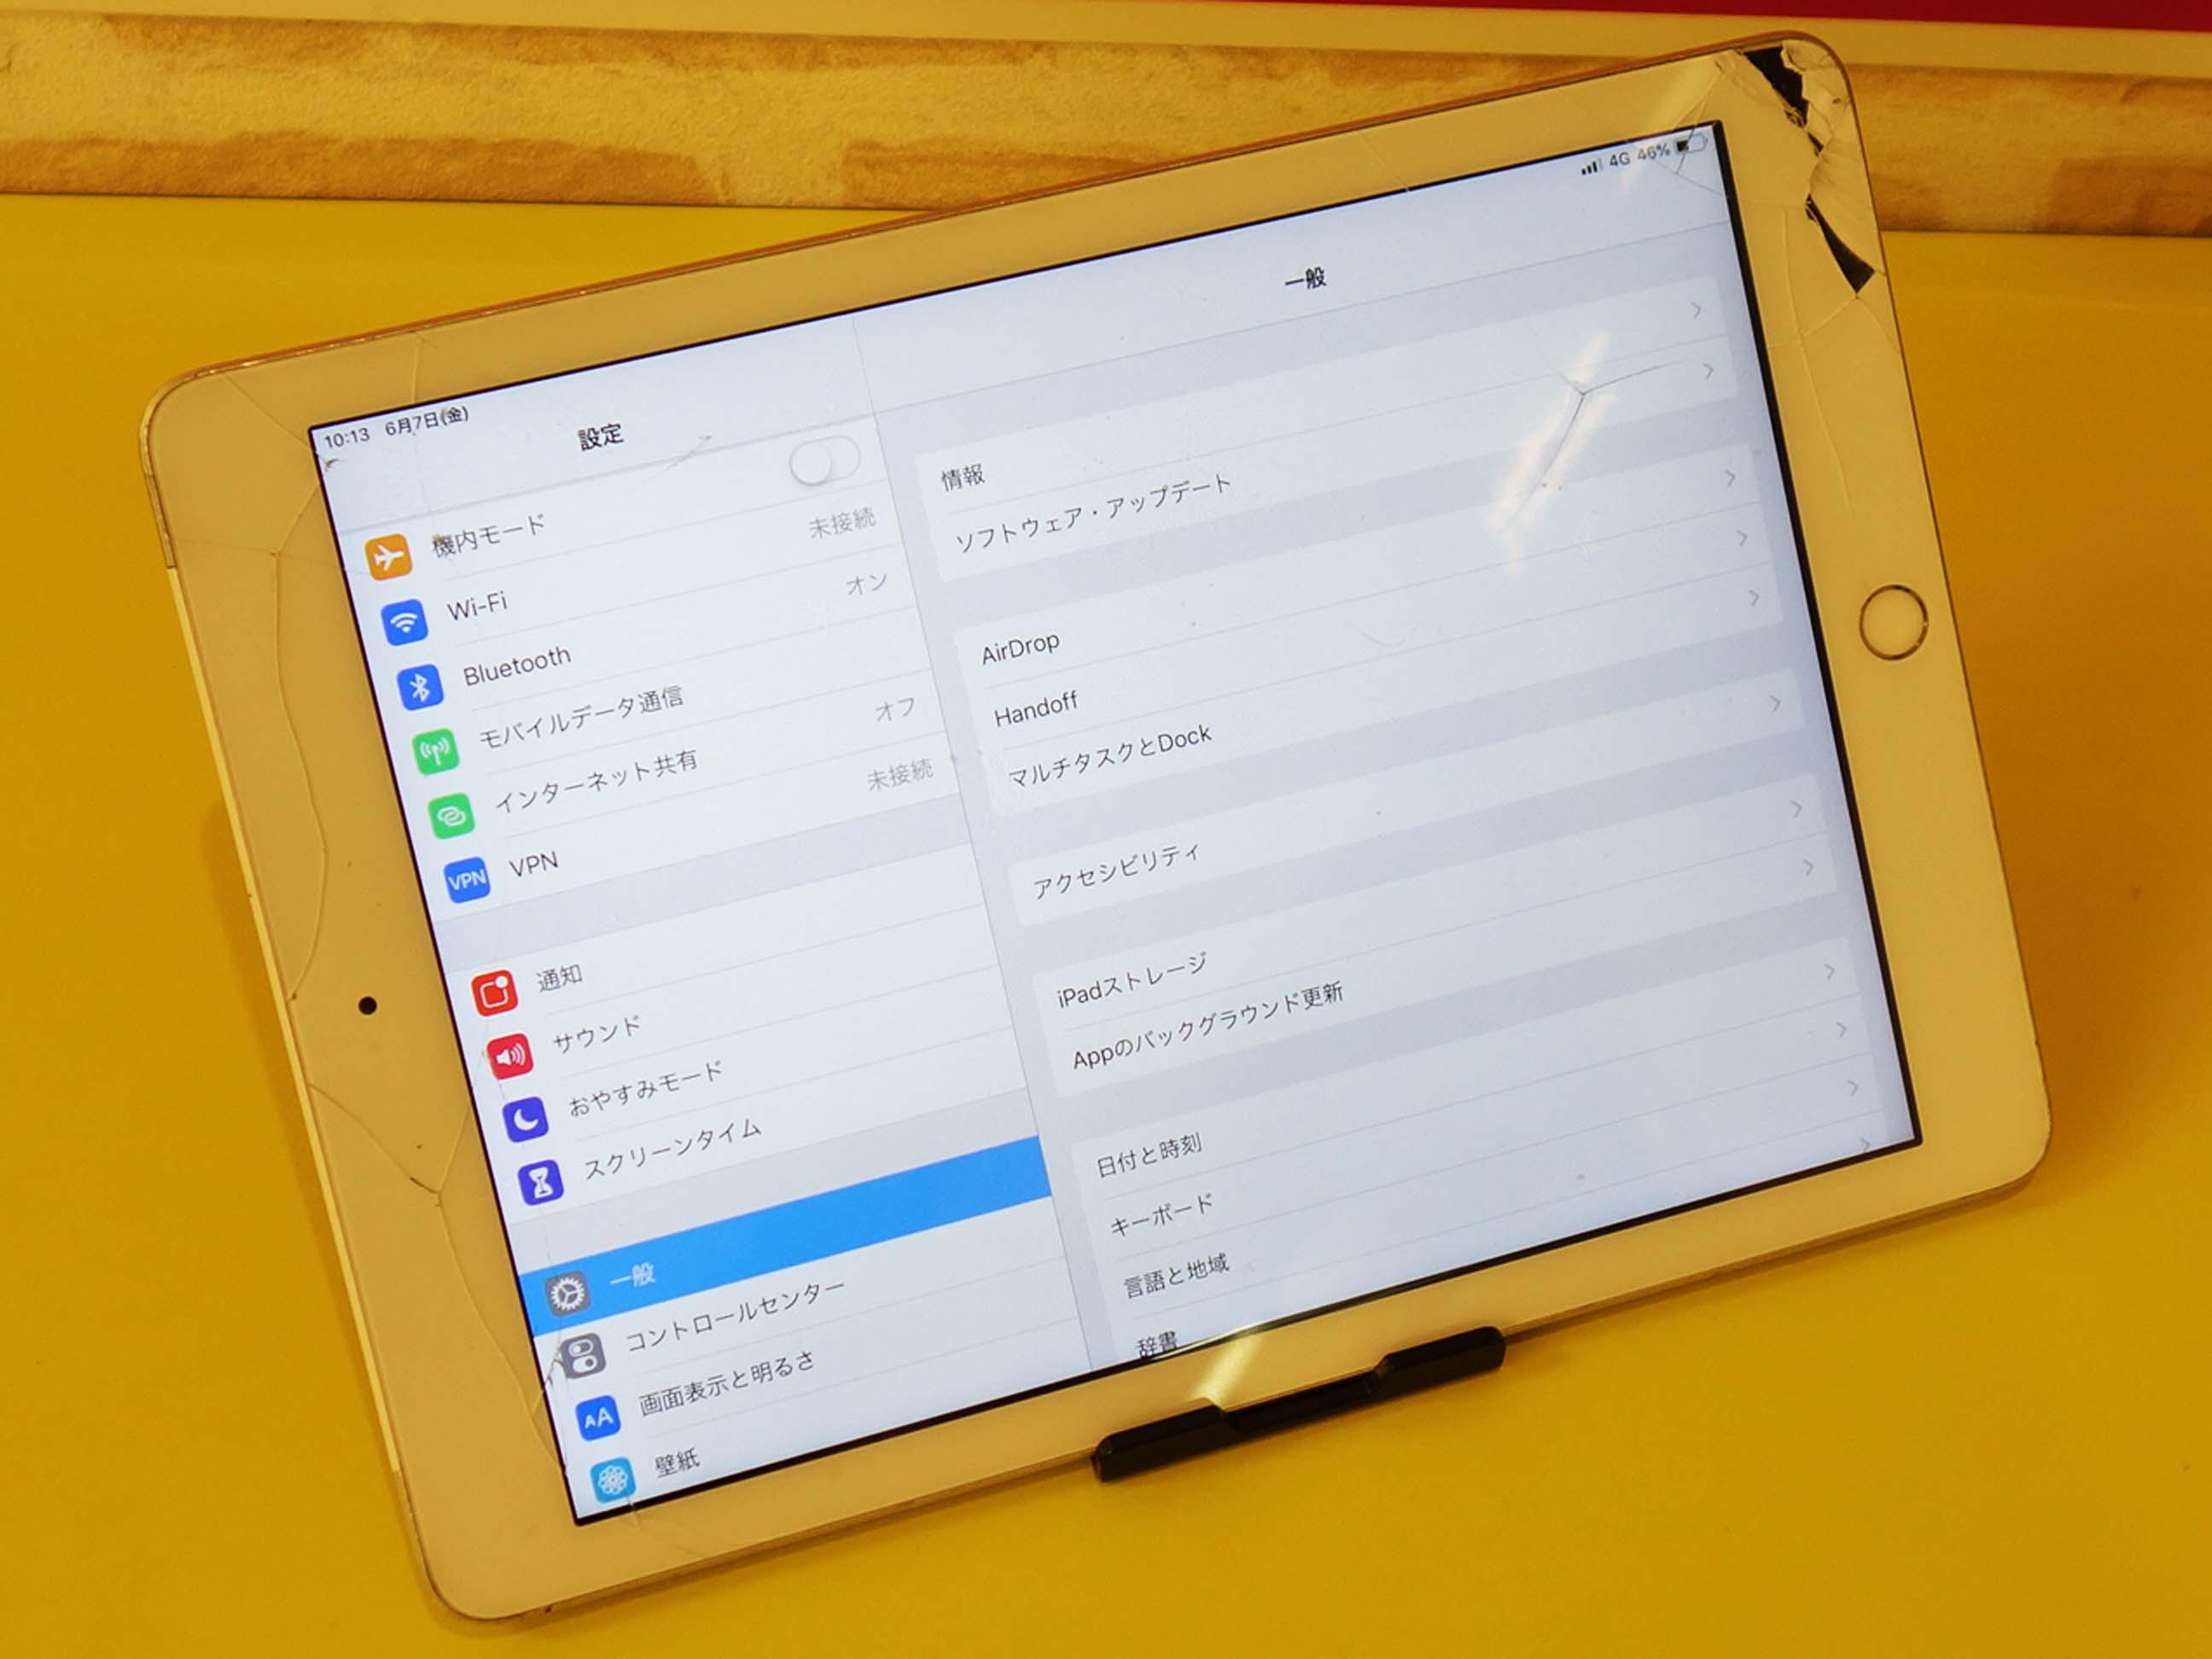 iPadAir2のガラス交換修理に名古屋市内よりご来店!アイパッド修理もクイック名古屋